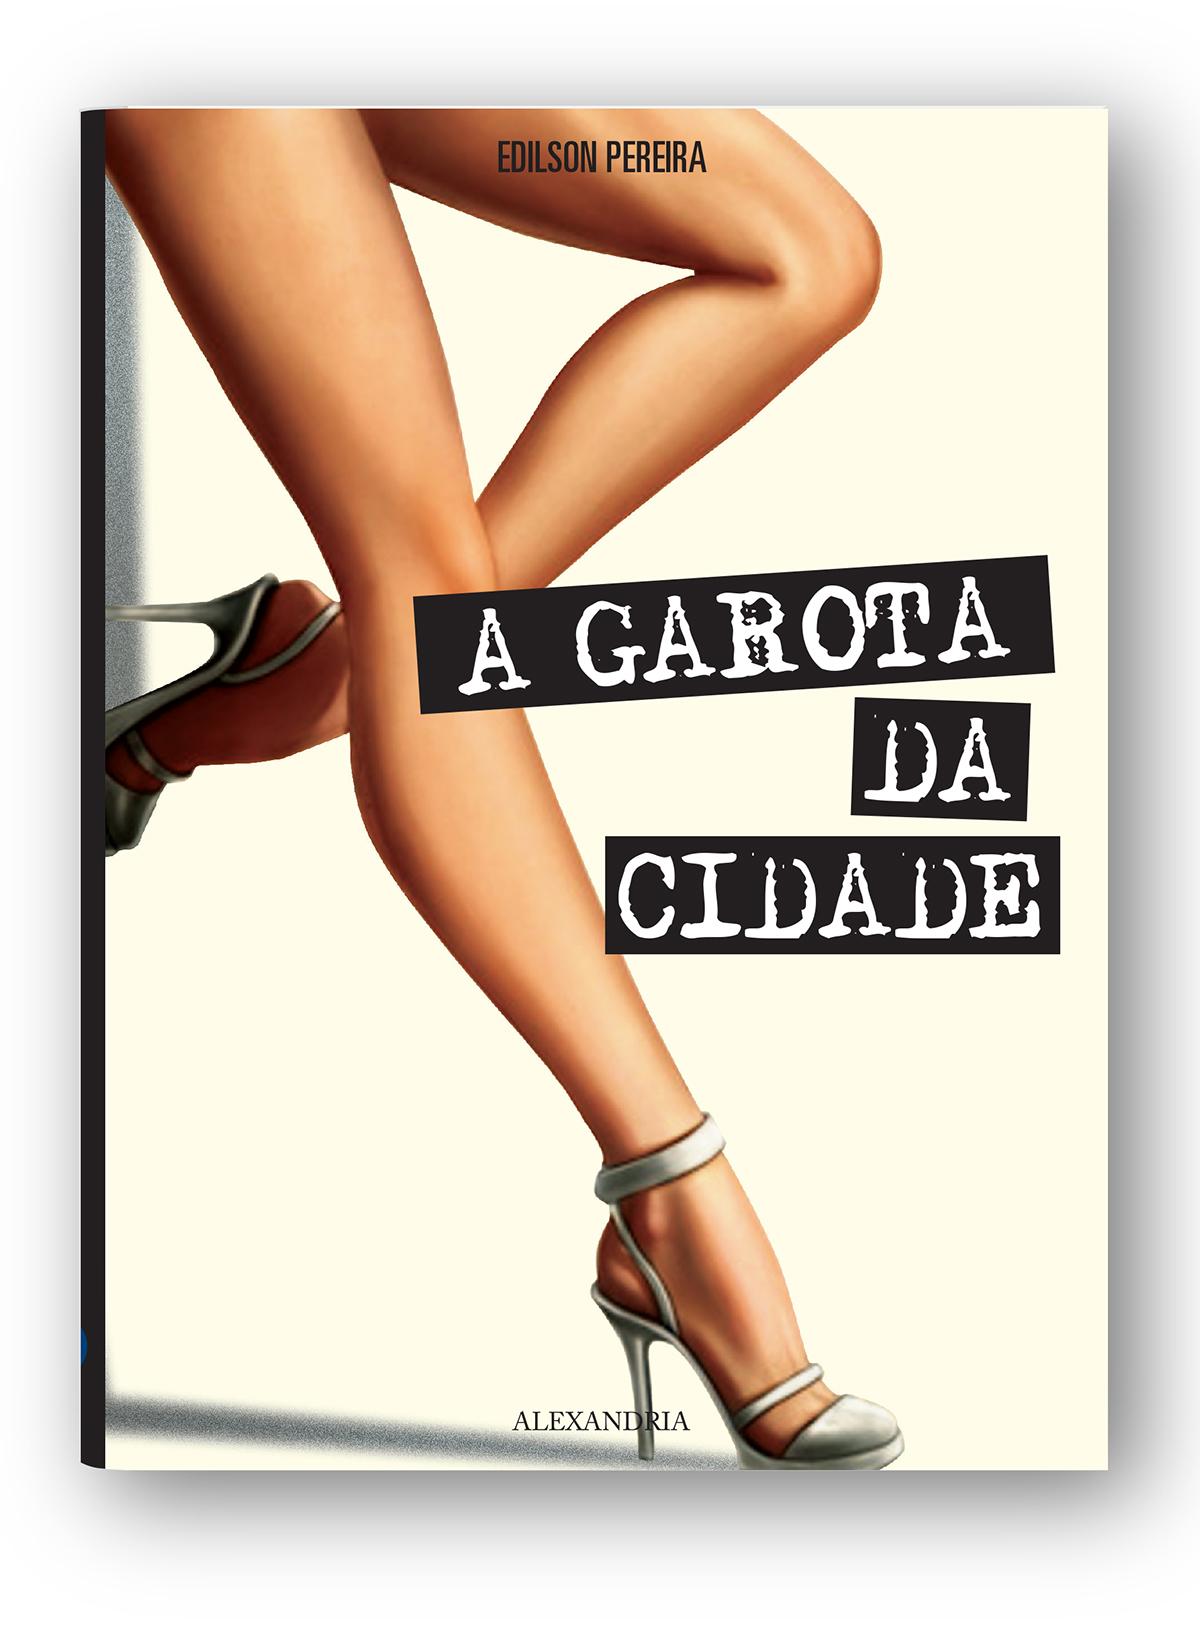 A_GAROTA_DA_CIDADE